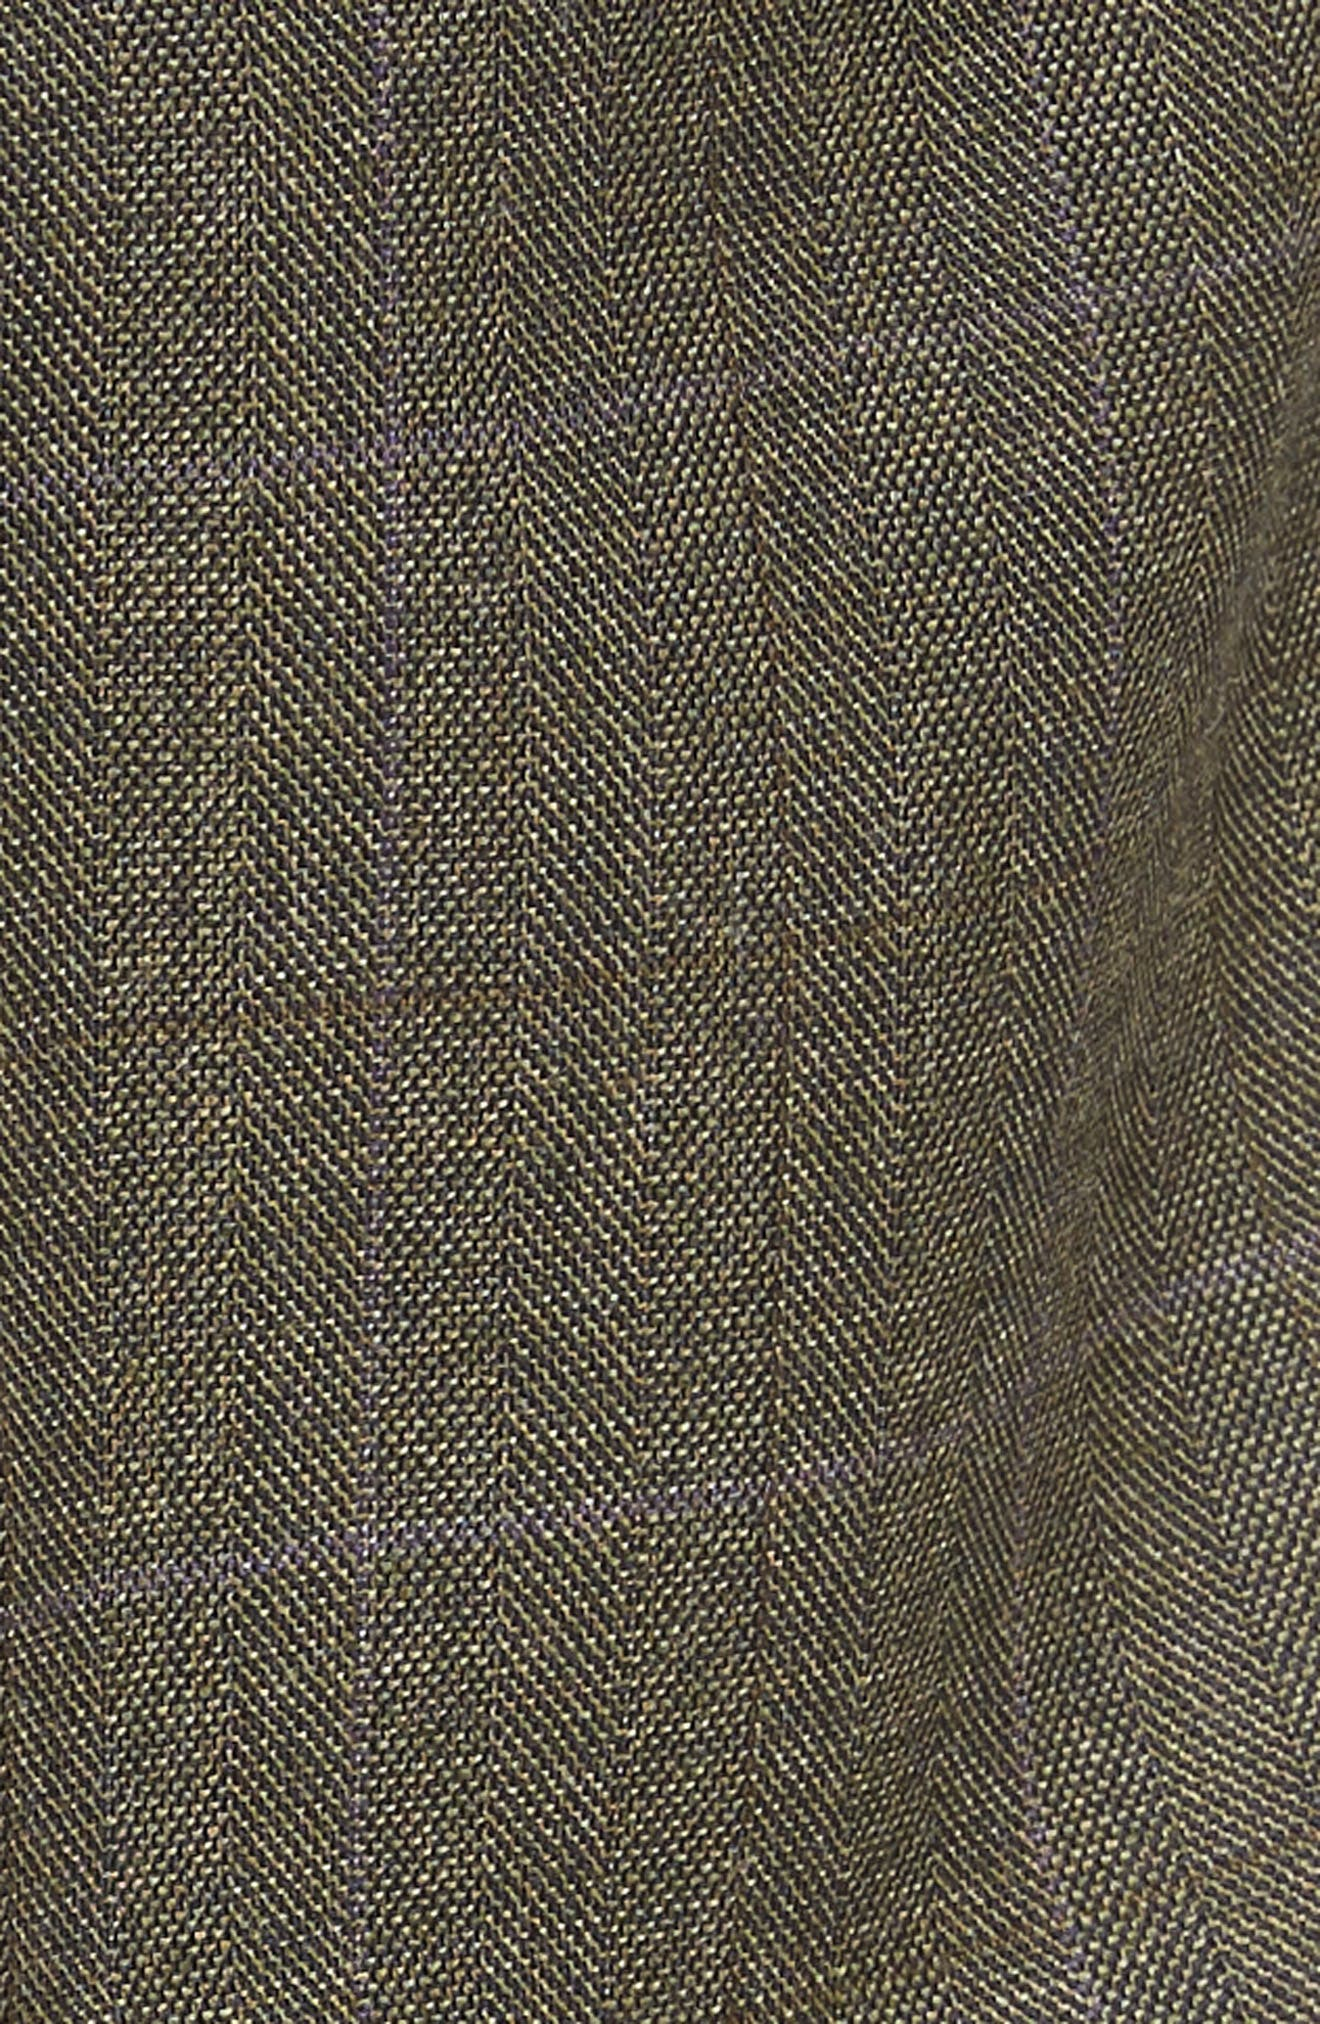 Ludlow Trim Fit Herringbone Wool Pants,                             Alternate thumbnail 5, color,                             300